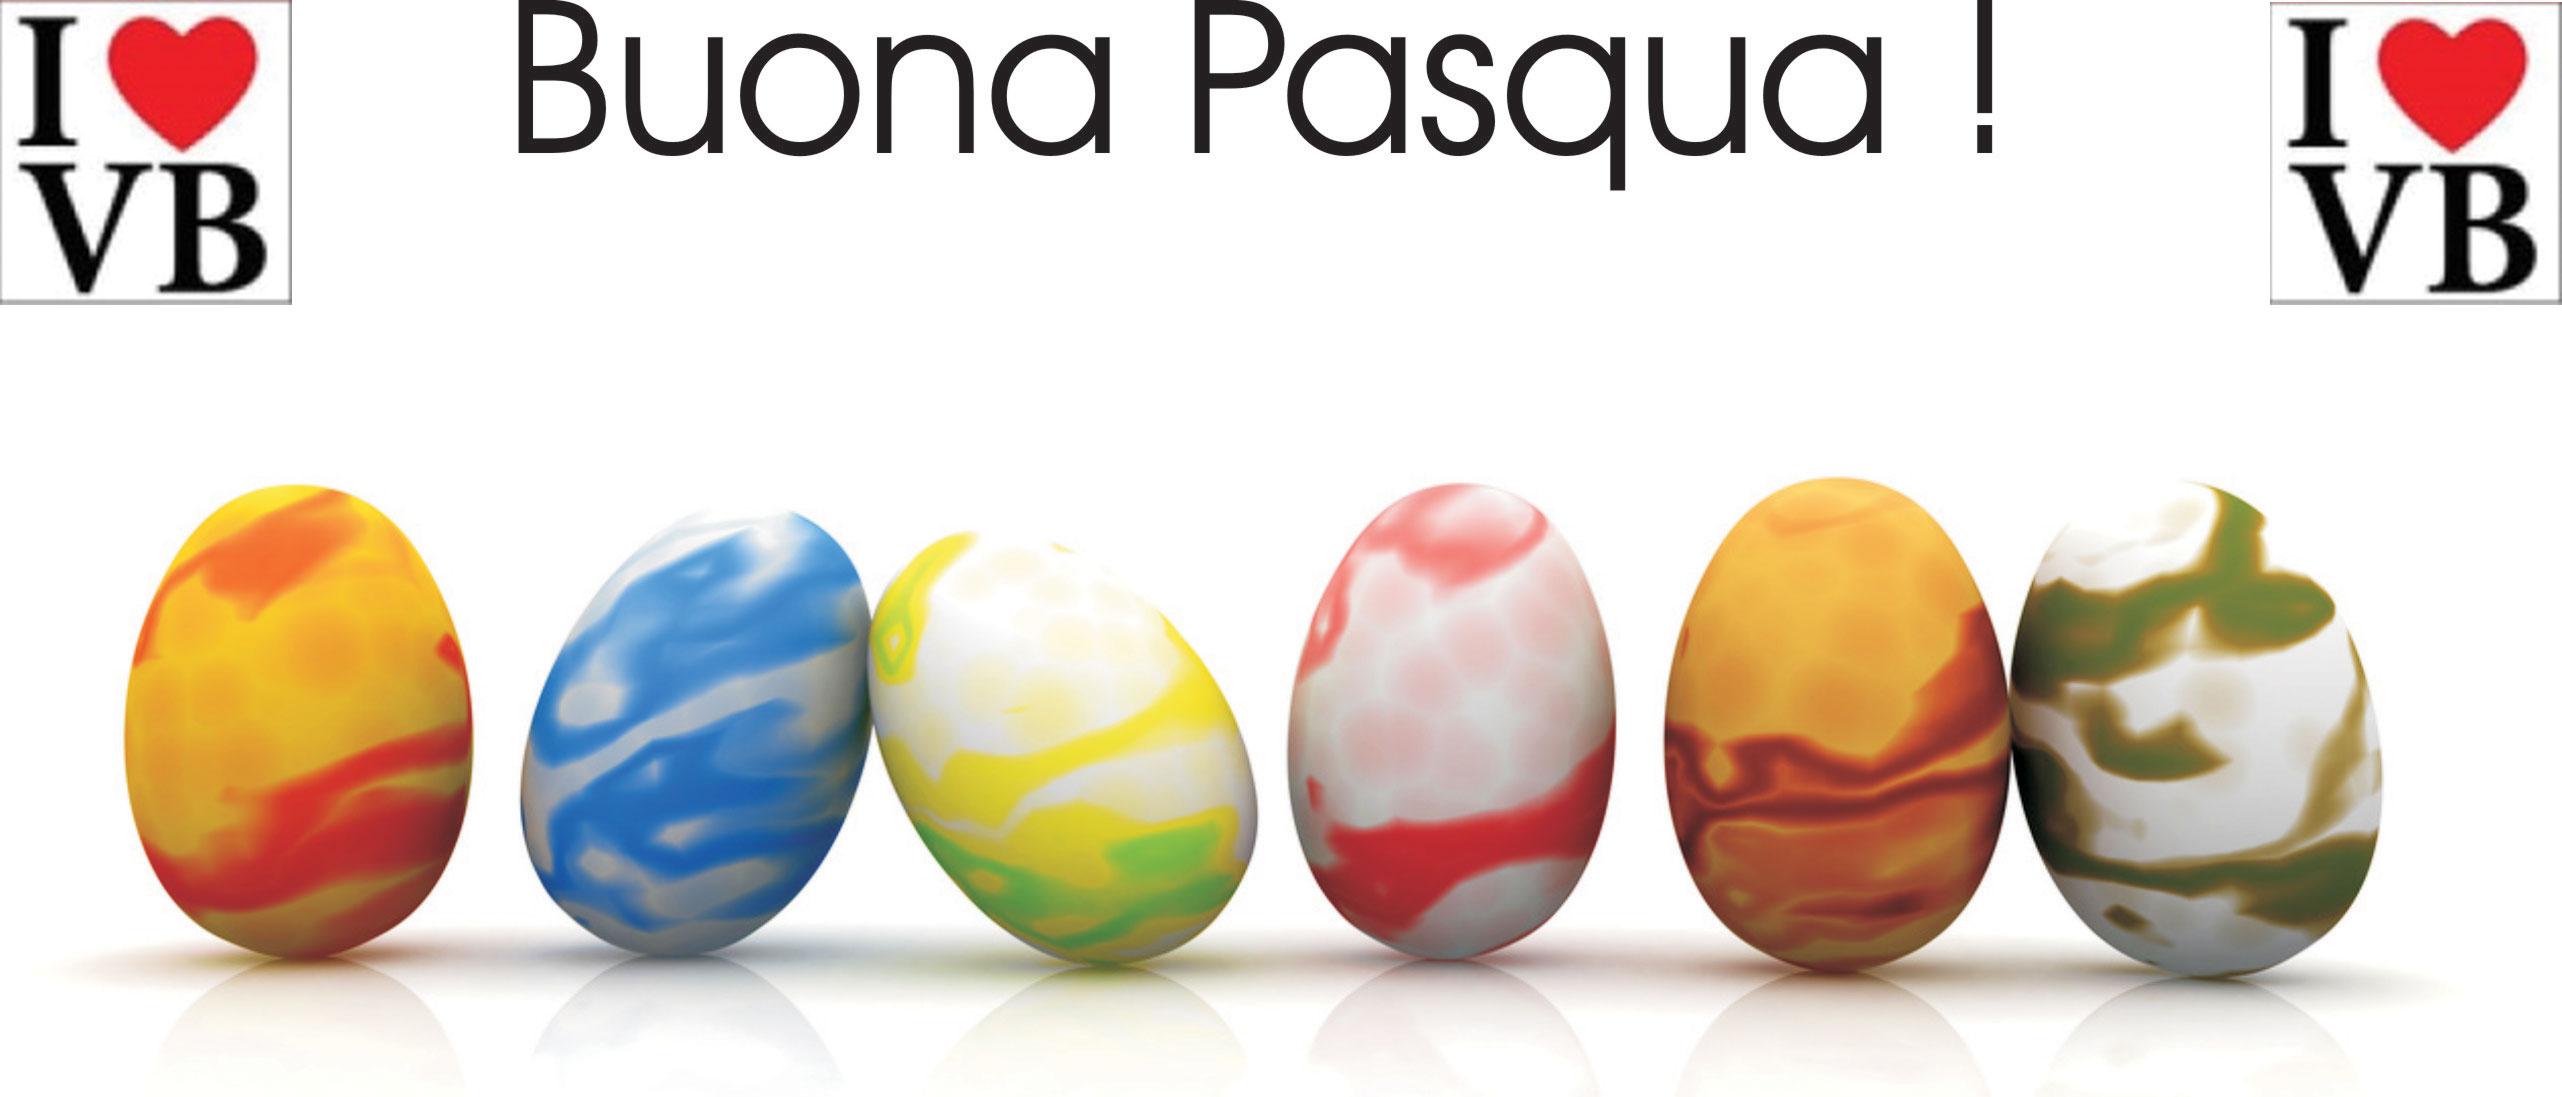 Buona Pasqua 2015 - Buona Pasqua